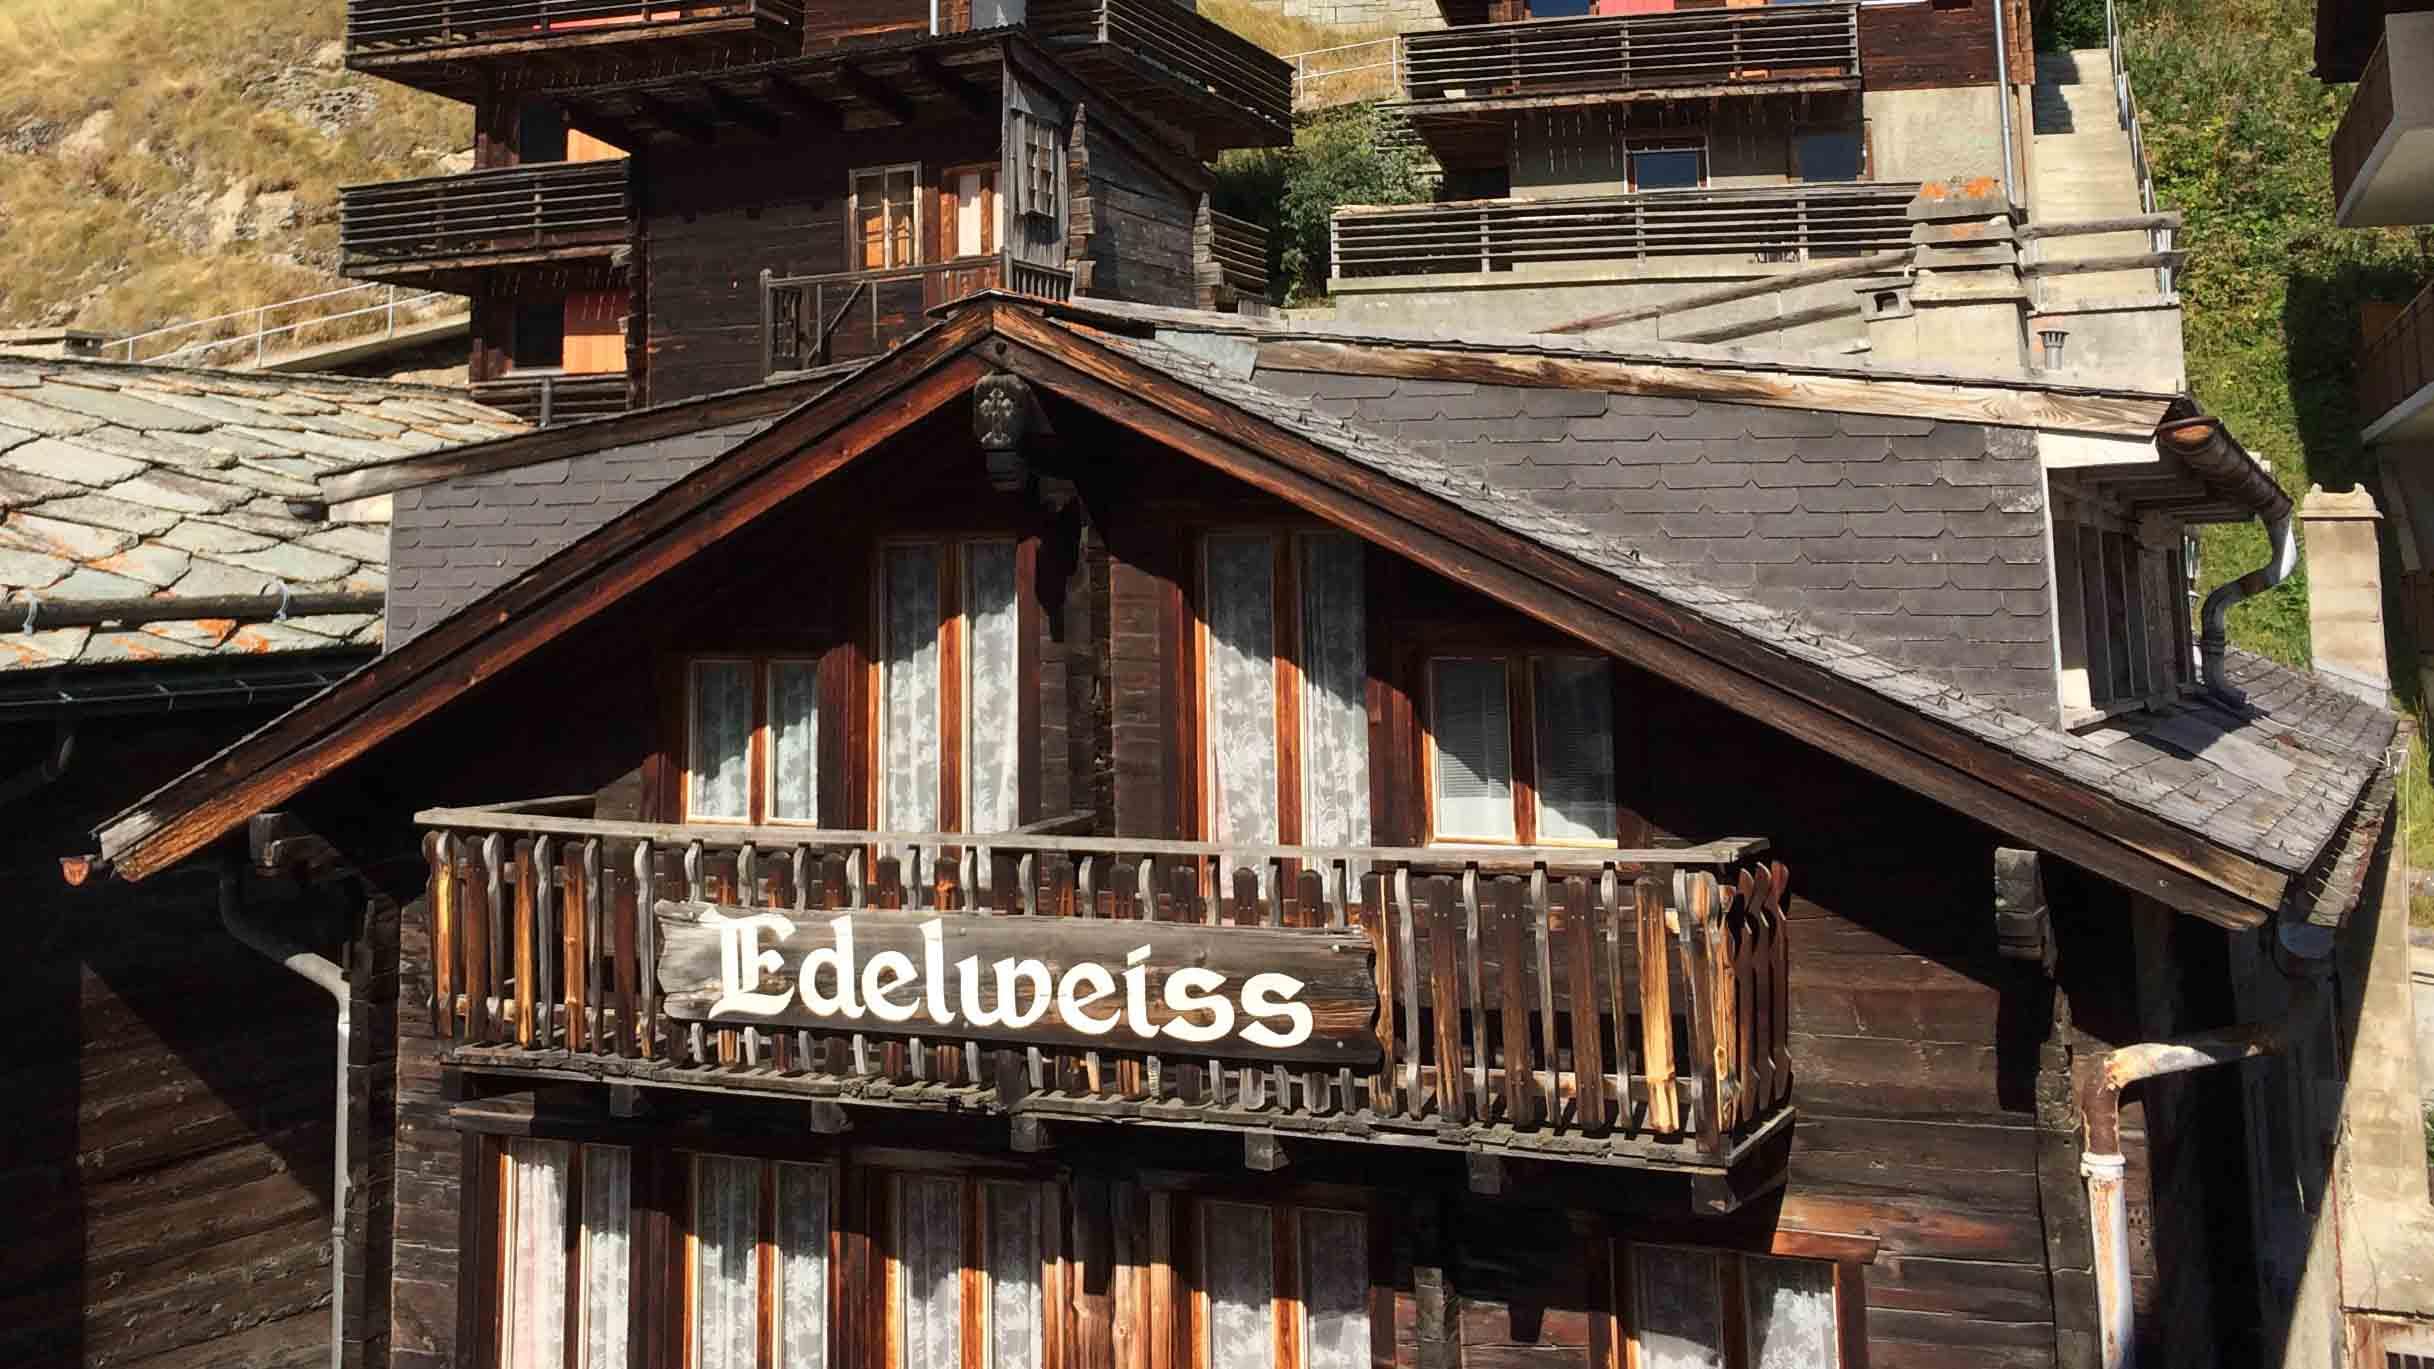 Chalet Edelweiss Chalet, Switzerland